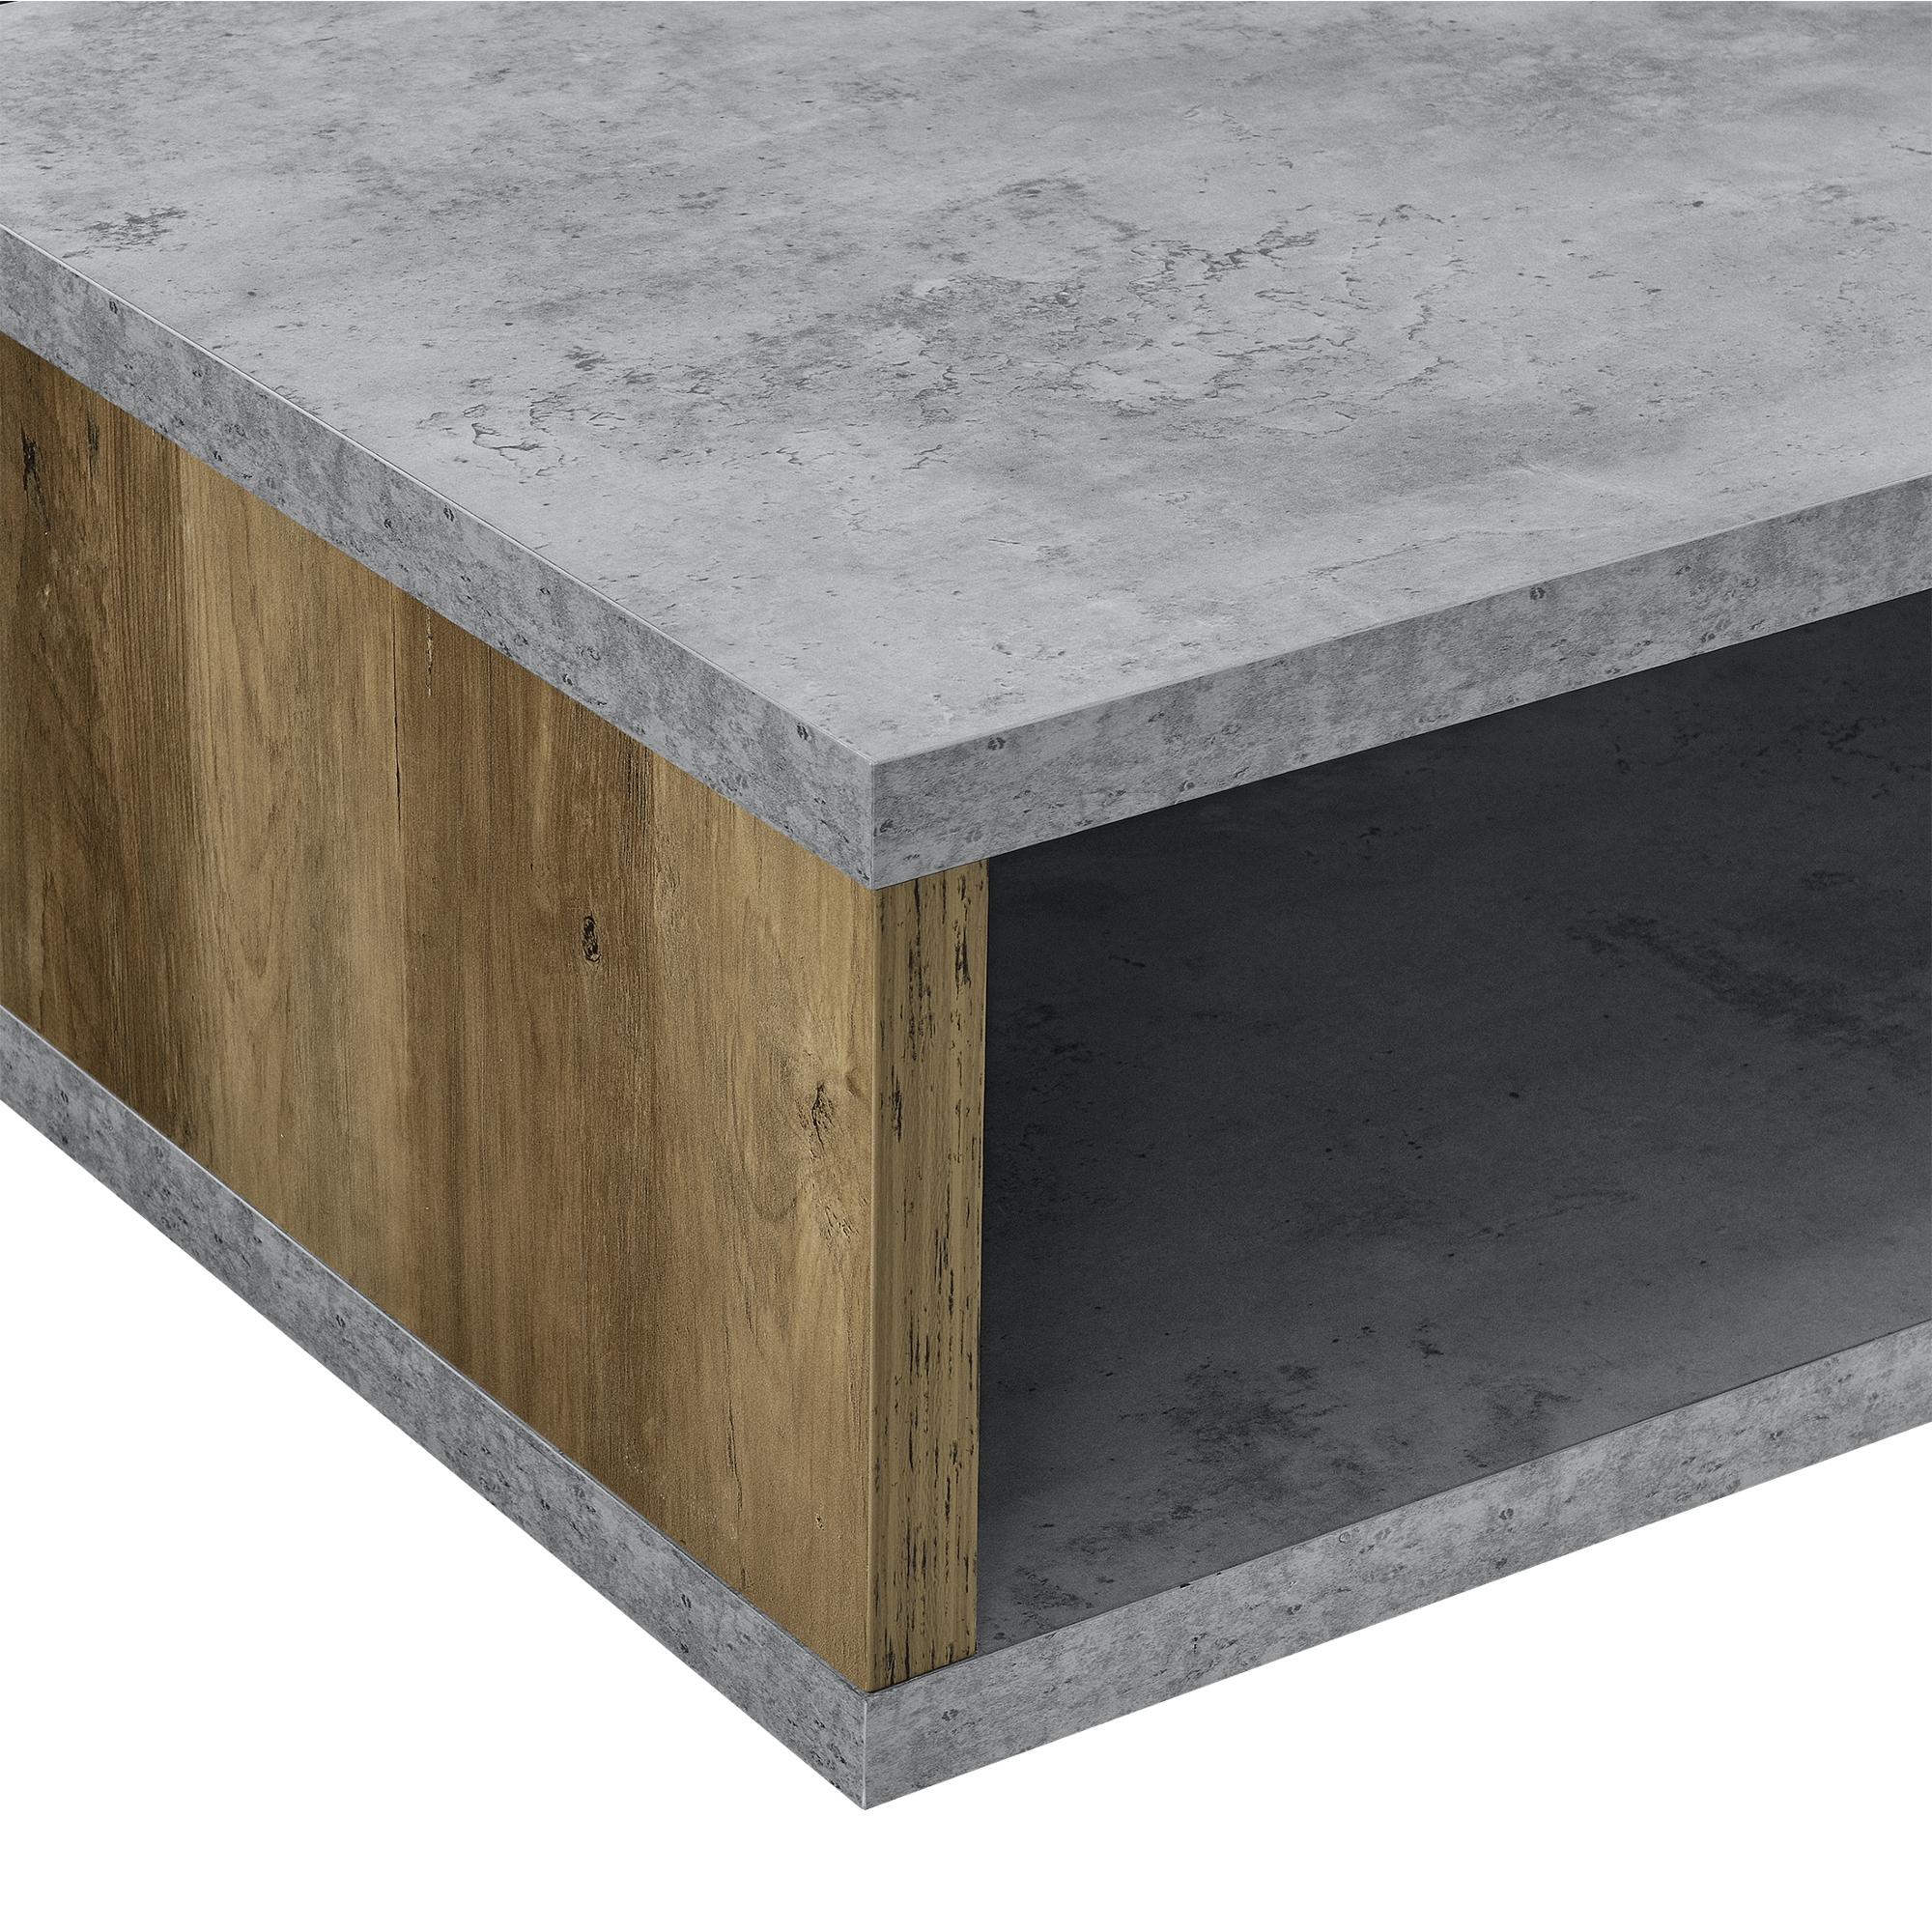 couchtisch 110x60x30cm wohnzimmertisch. Black Bedroom Furniture Sets. Home Design Ideas